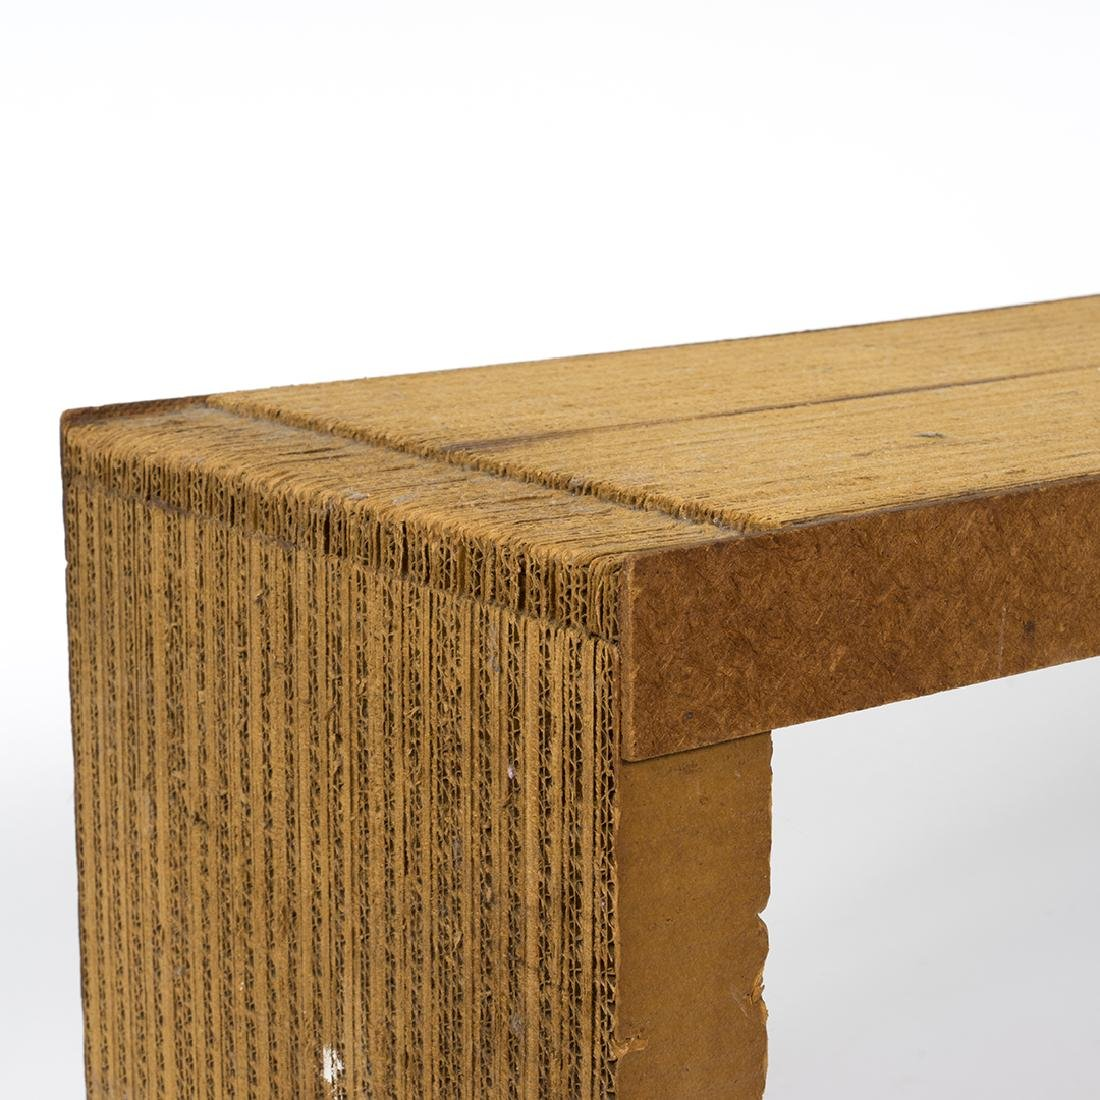 Frank Gehry Easy Edges Shelf or Table - 3